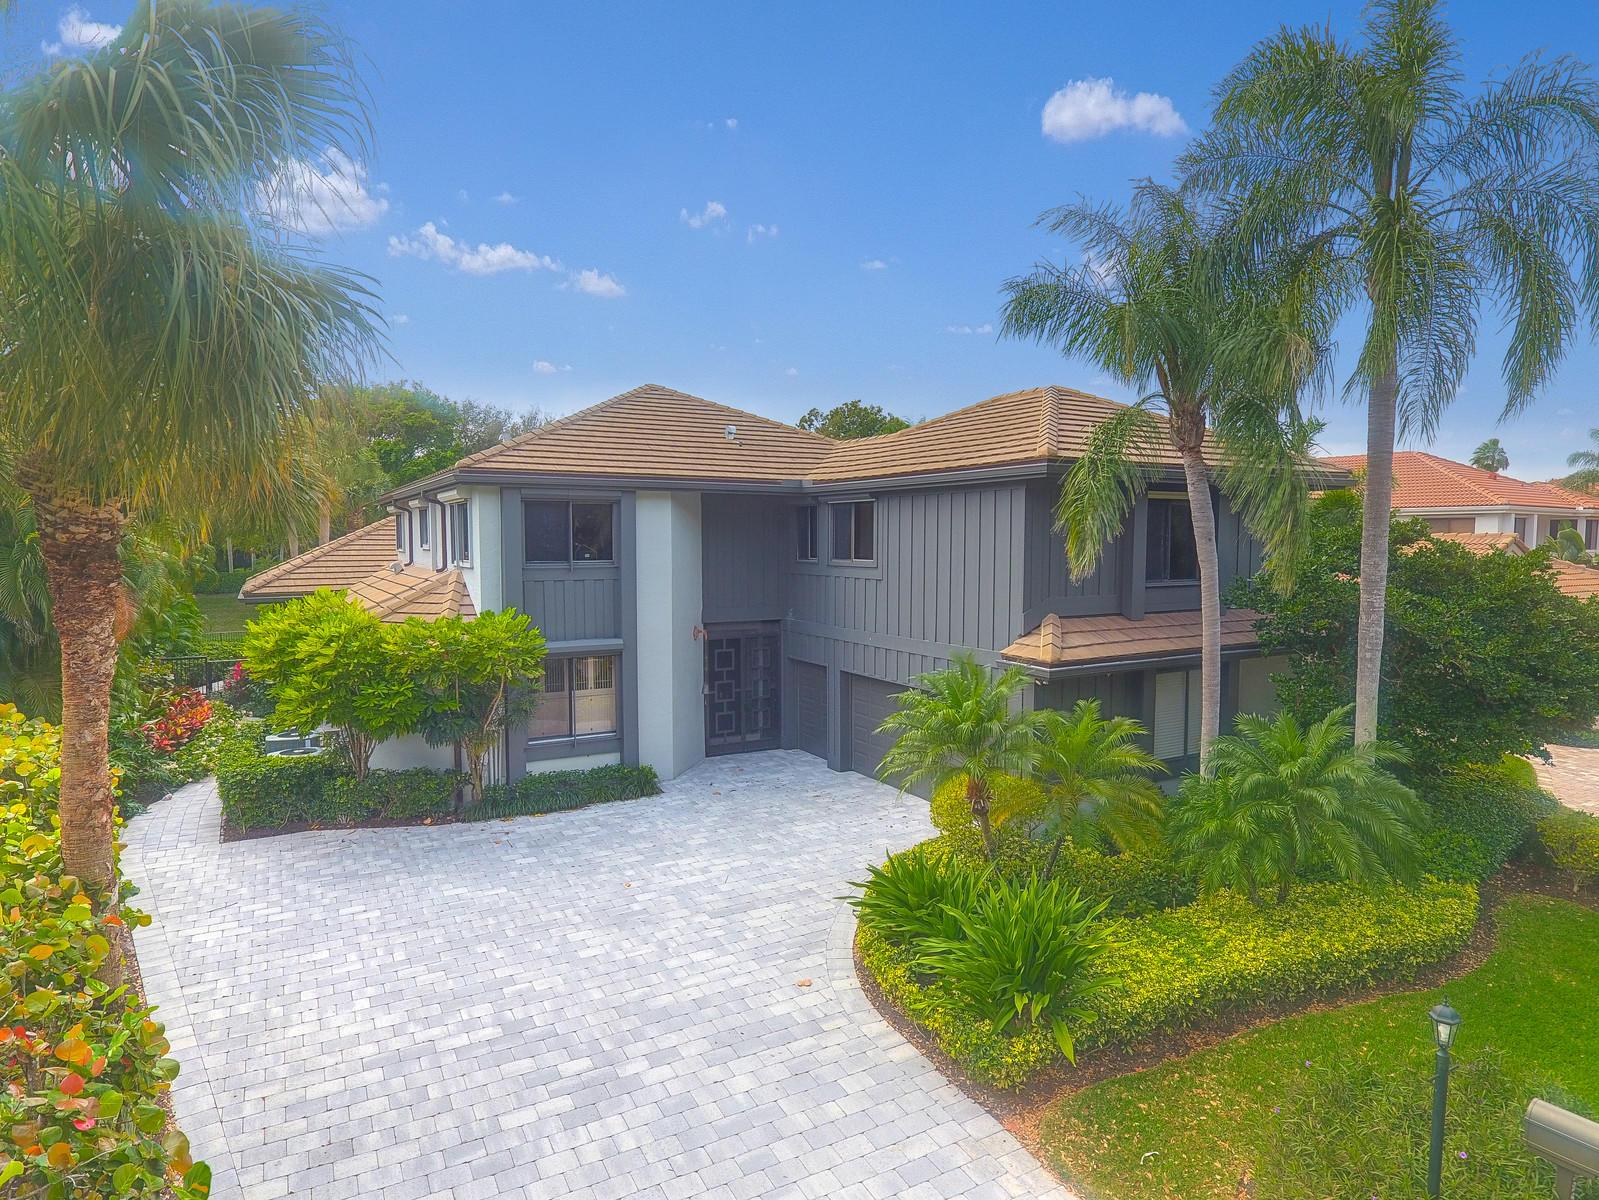 3282 Degas Drive, Palm Beach Gardens, Florida 33410, 4 Bedrooms Bedrooms, ,5.1 BathroomsBathrooms,A,Single family,Degas,RX-10511209